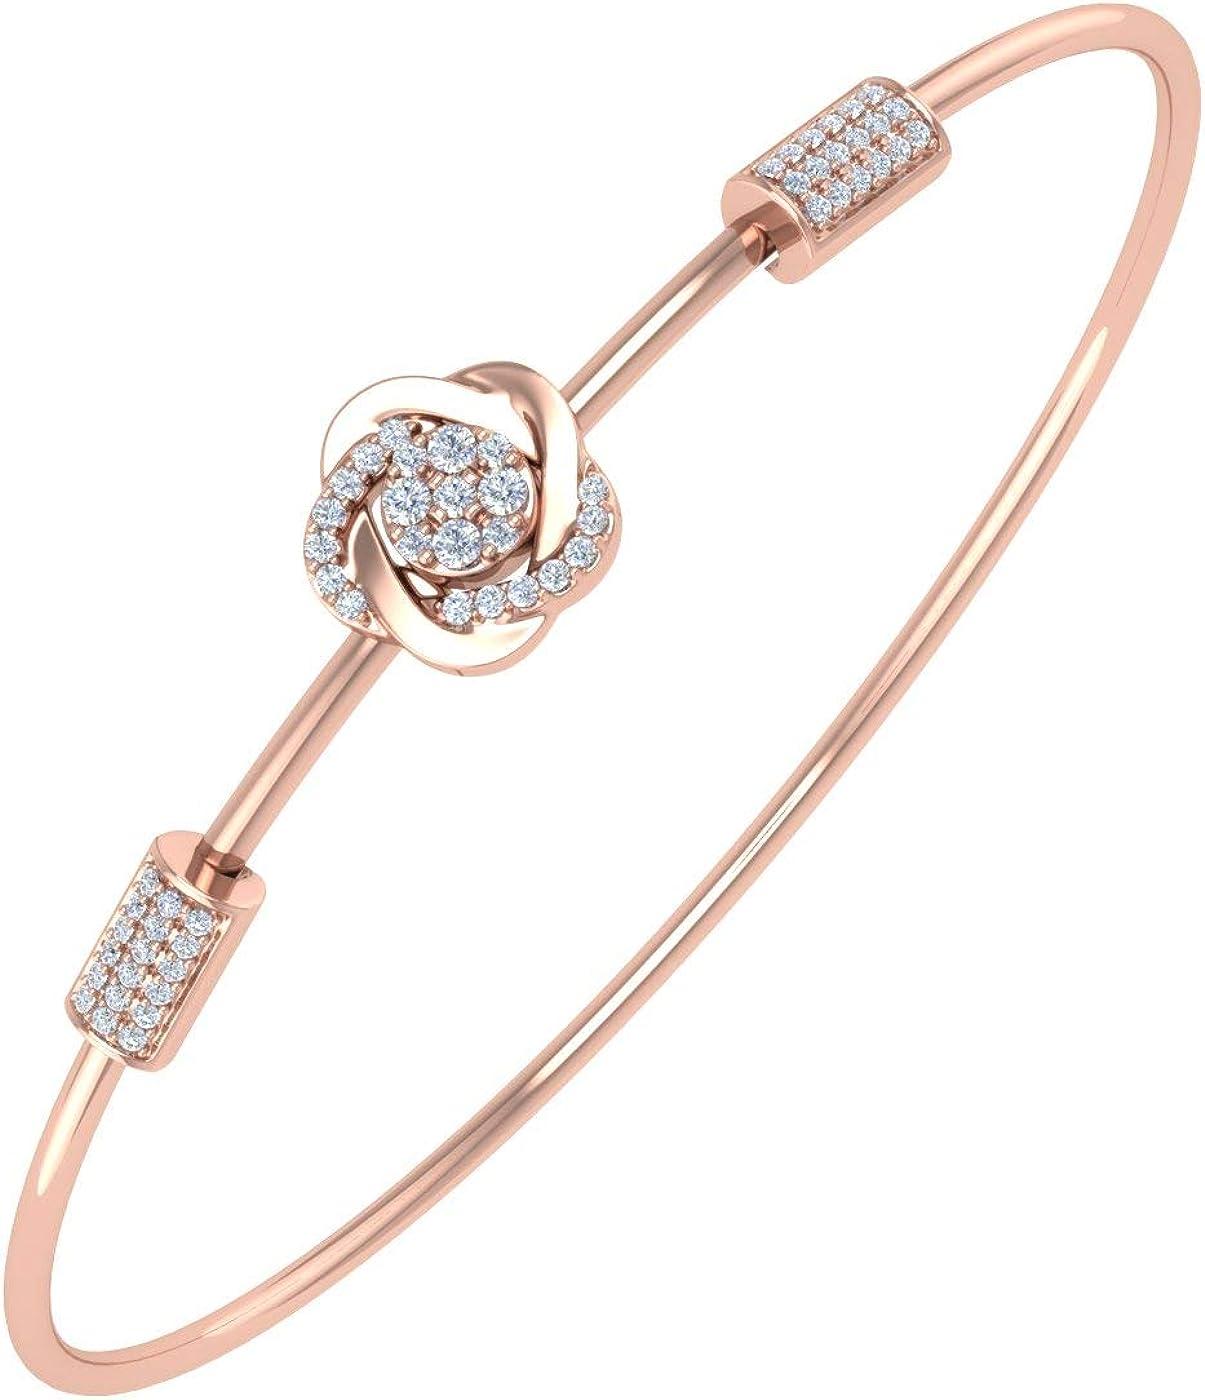 1/5 Carat Diamond Floral Bangle Bracelet in 10K Gold or 14K Gold and Steel